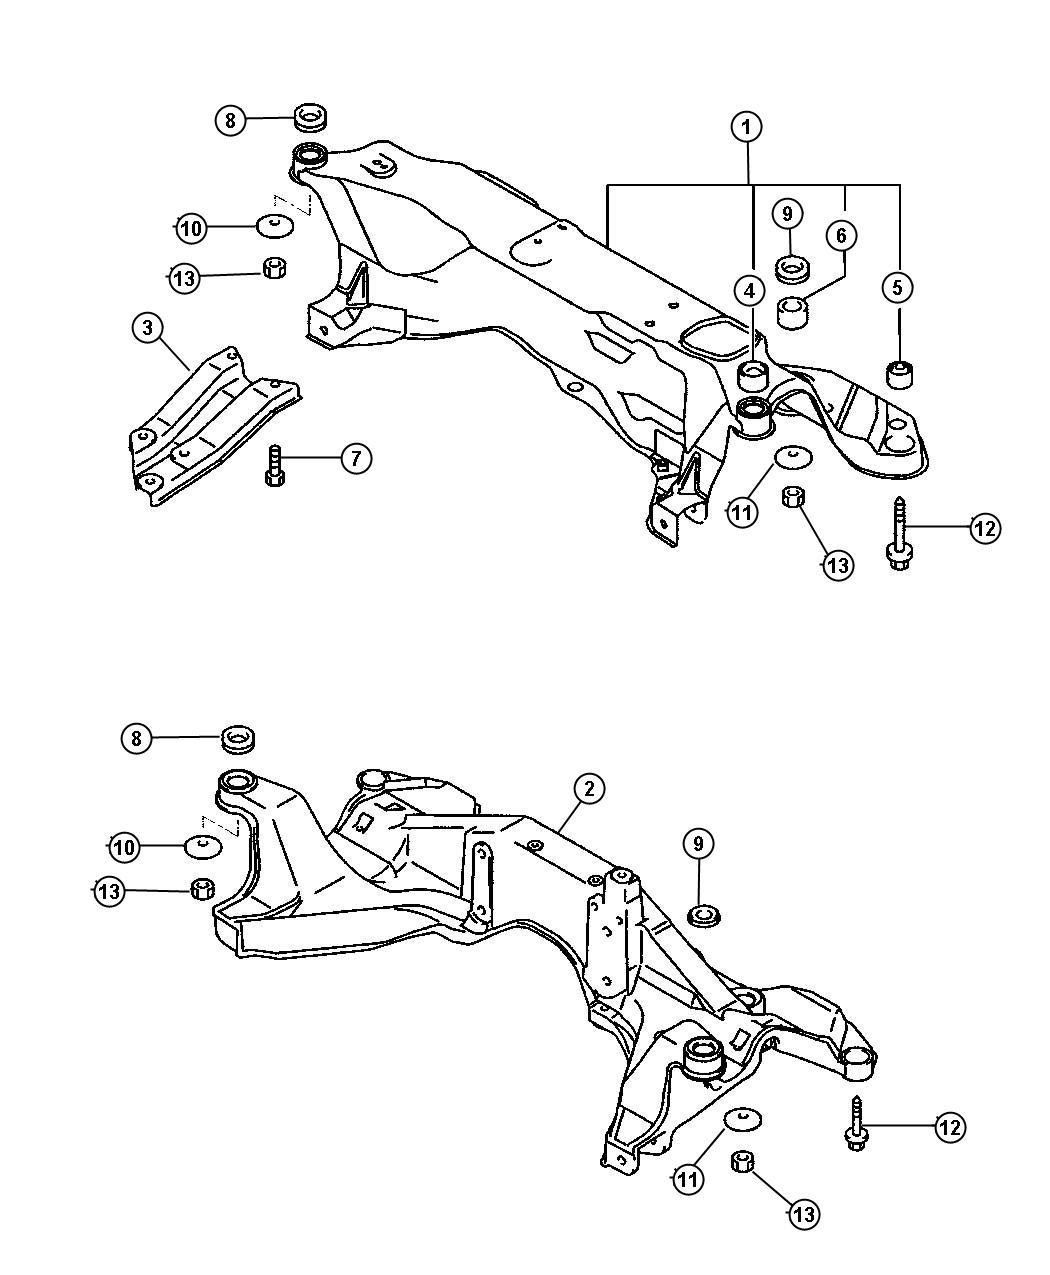 [DIAGRAM] 2001 Chrysler Sebring 3 0 Engine Diagram FULL